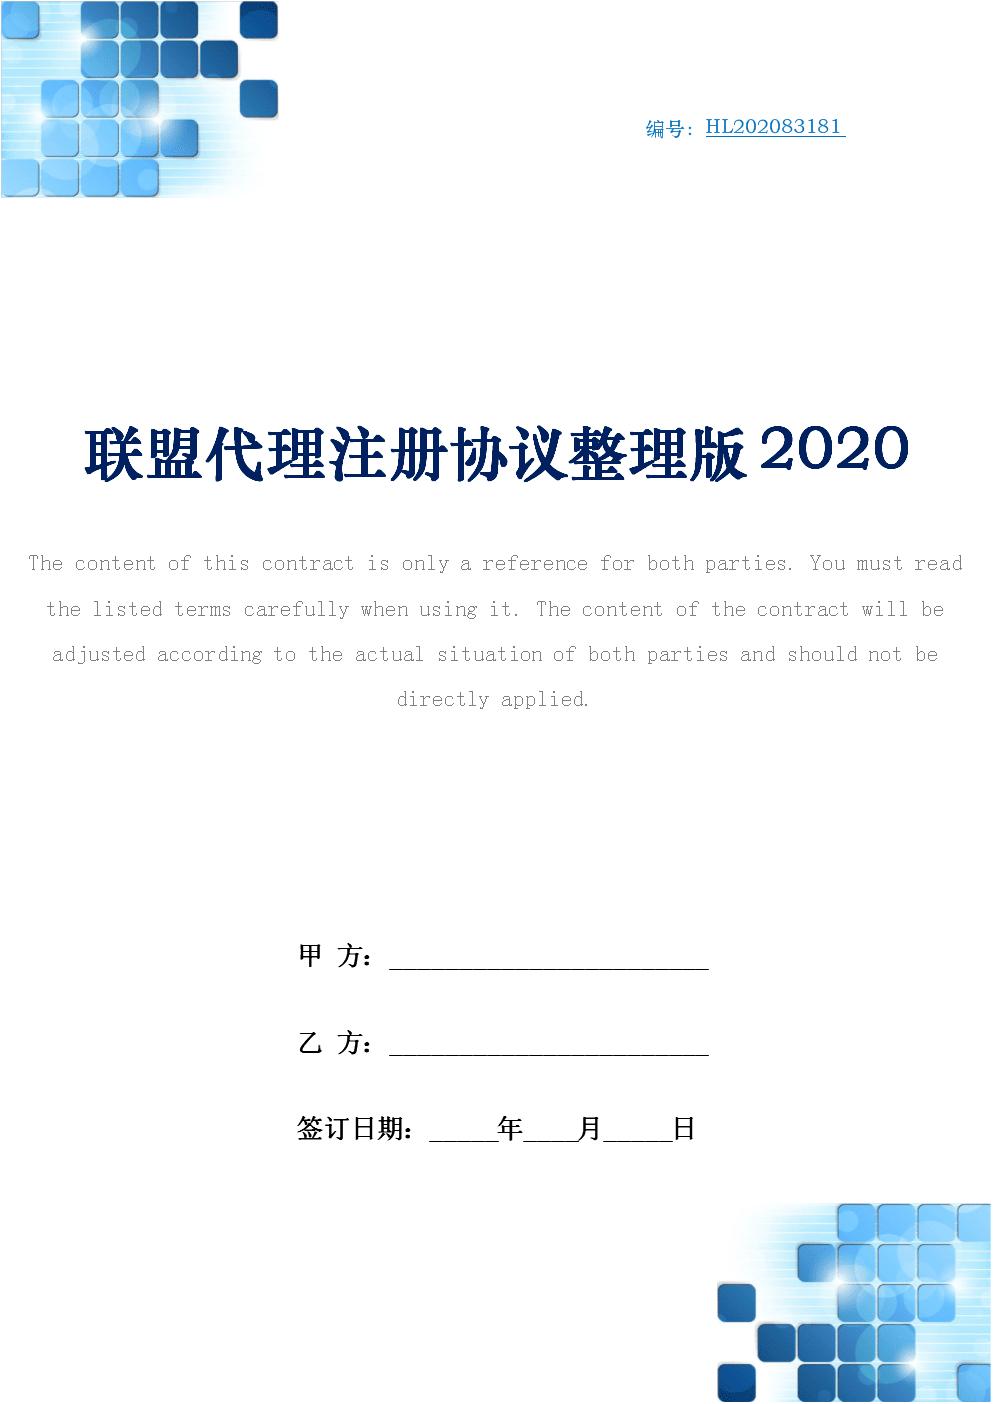 联盟代理注册协议整理版2020.docx